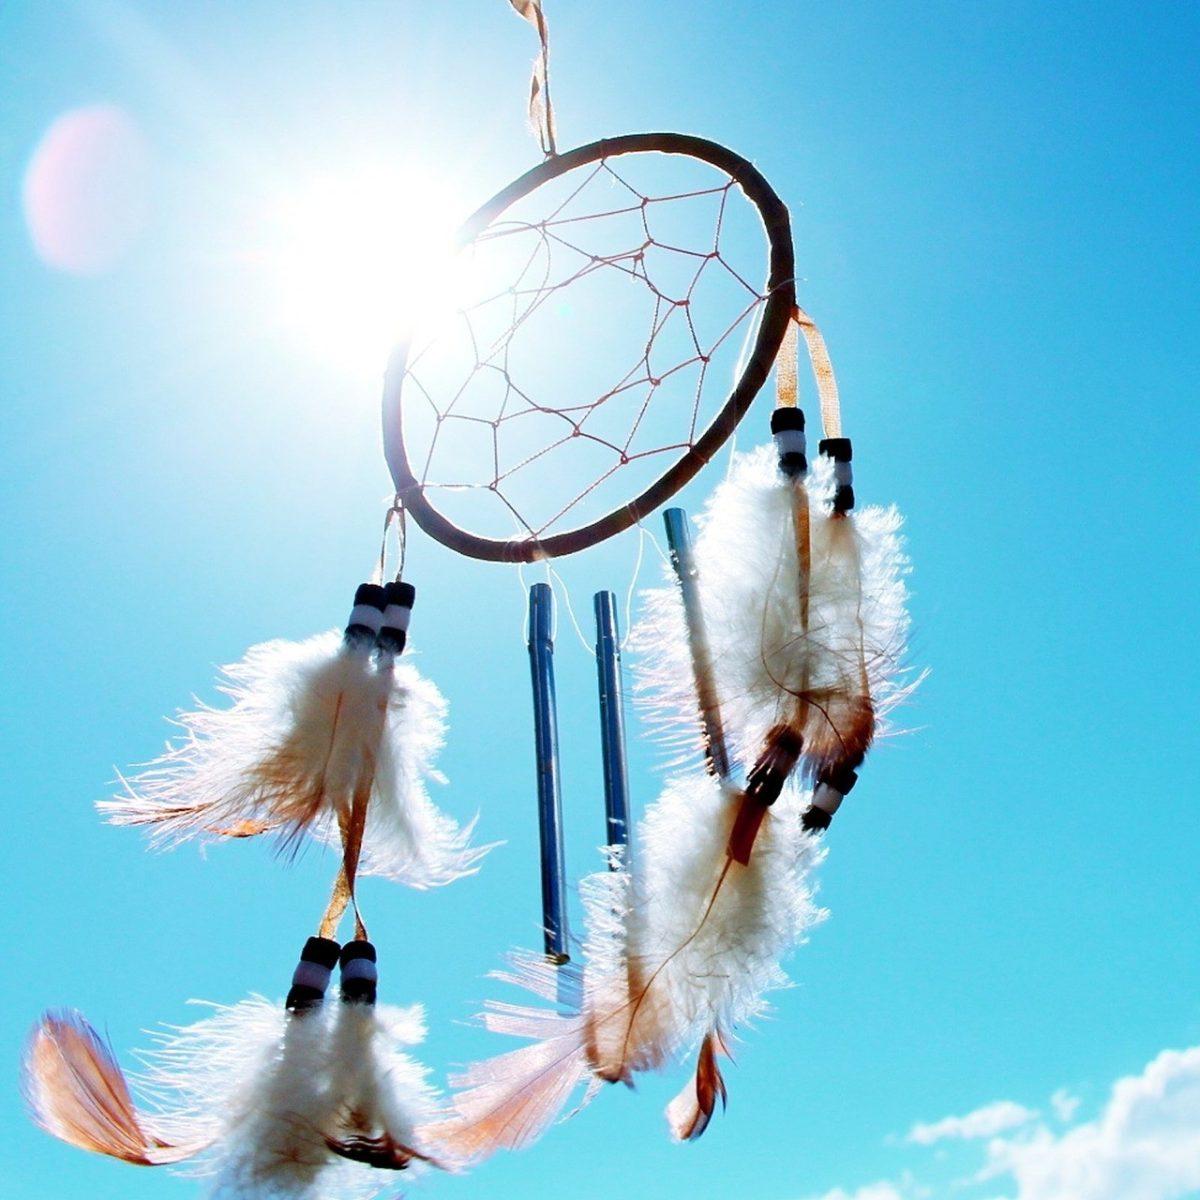 D'origine amérindienne, l'attrape-rêves est très apprécié pour son style artisanal composé de […]